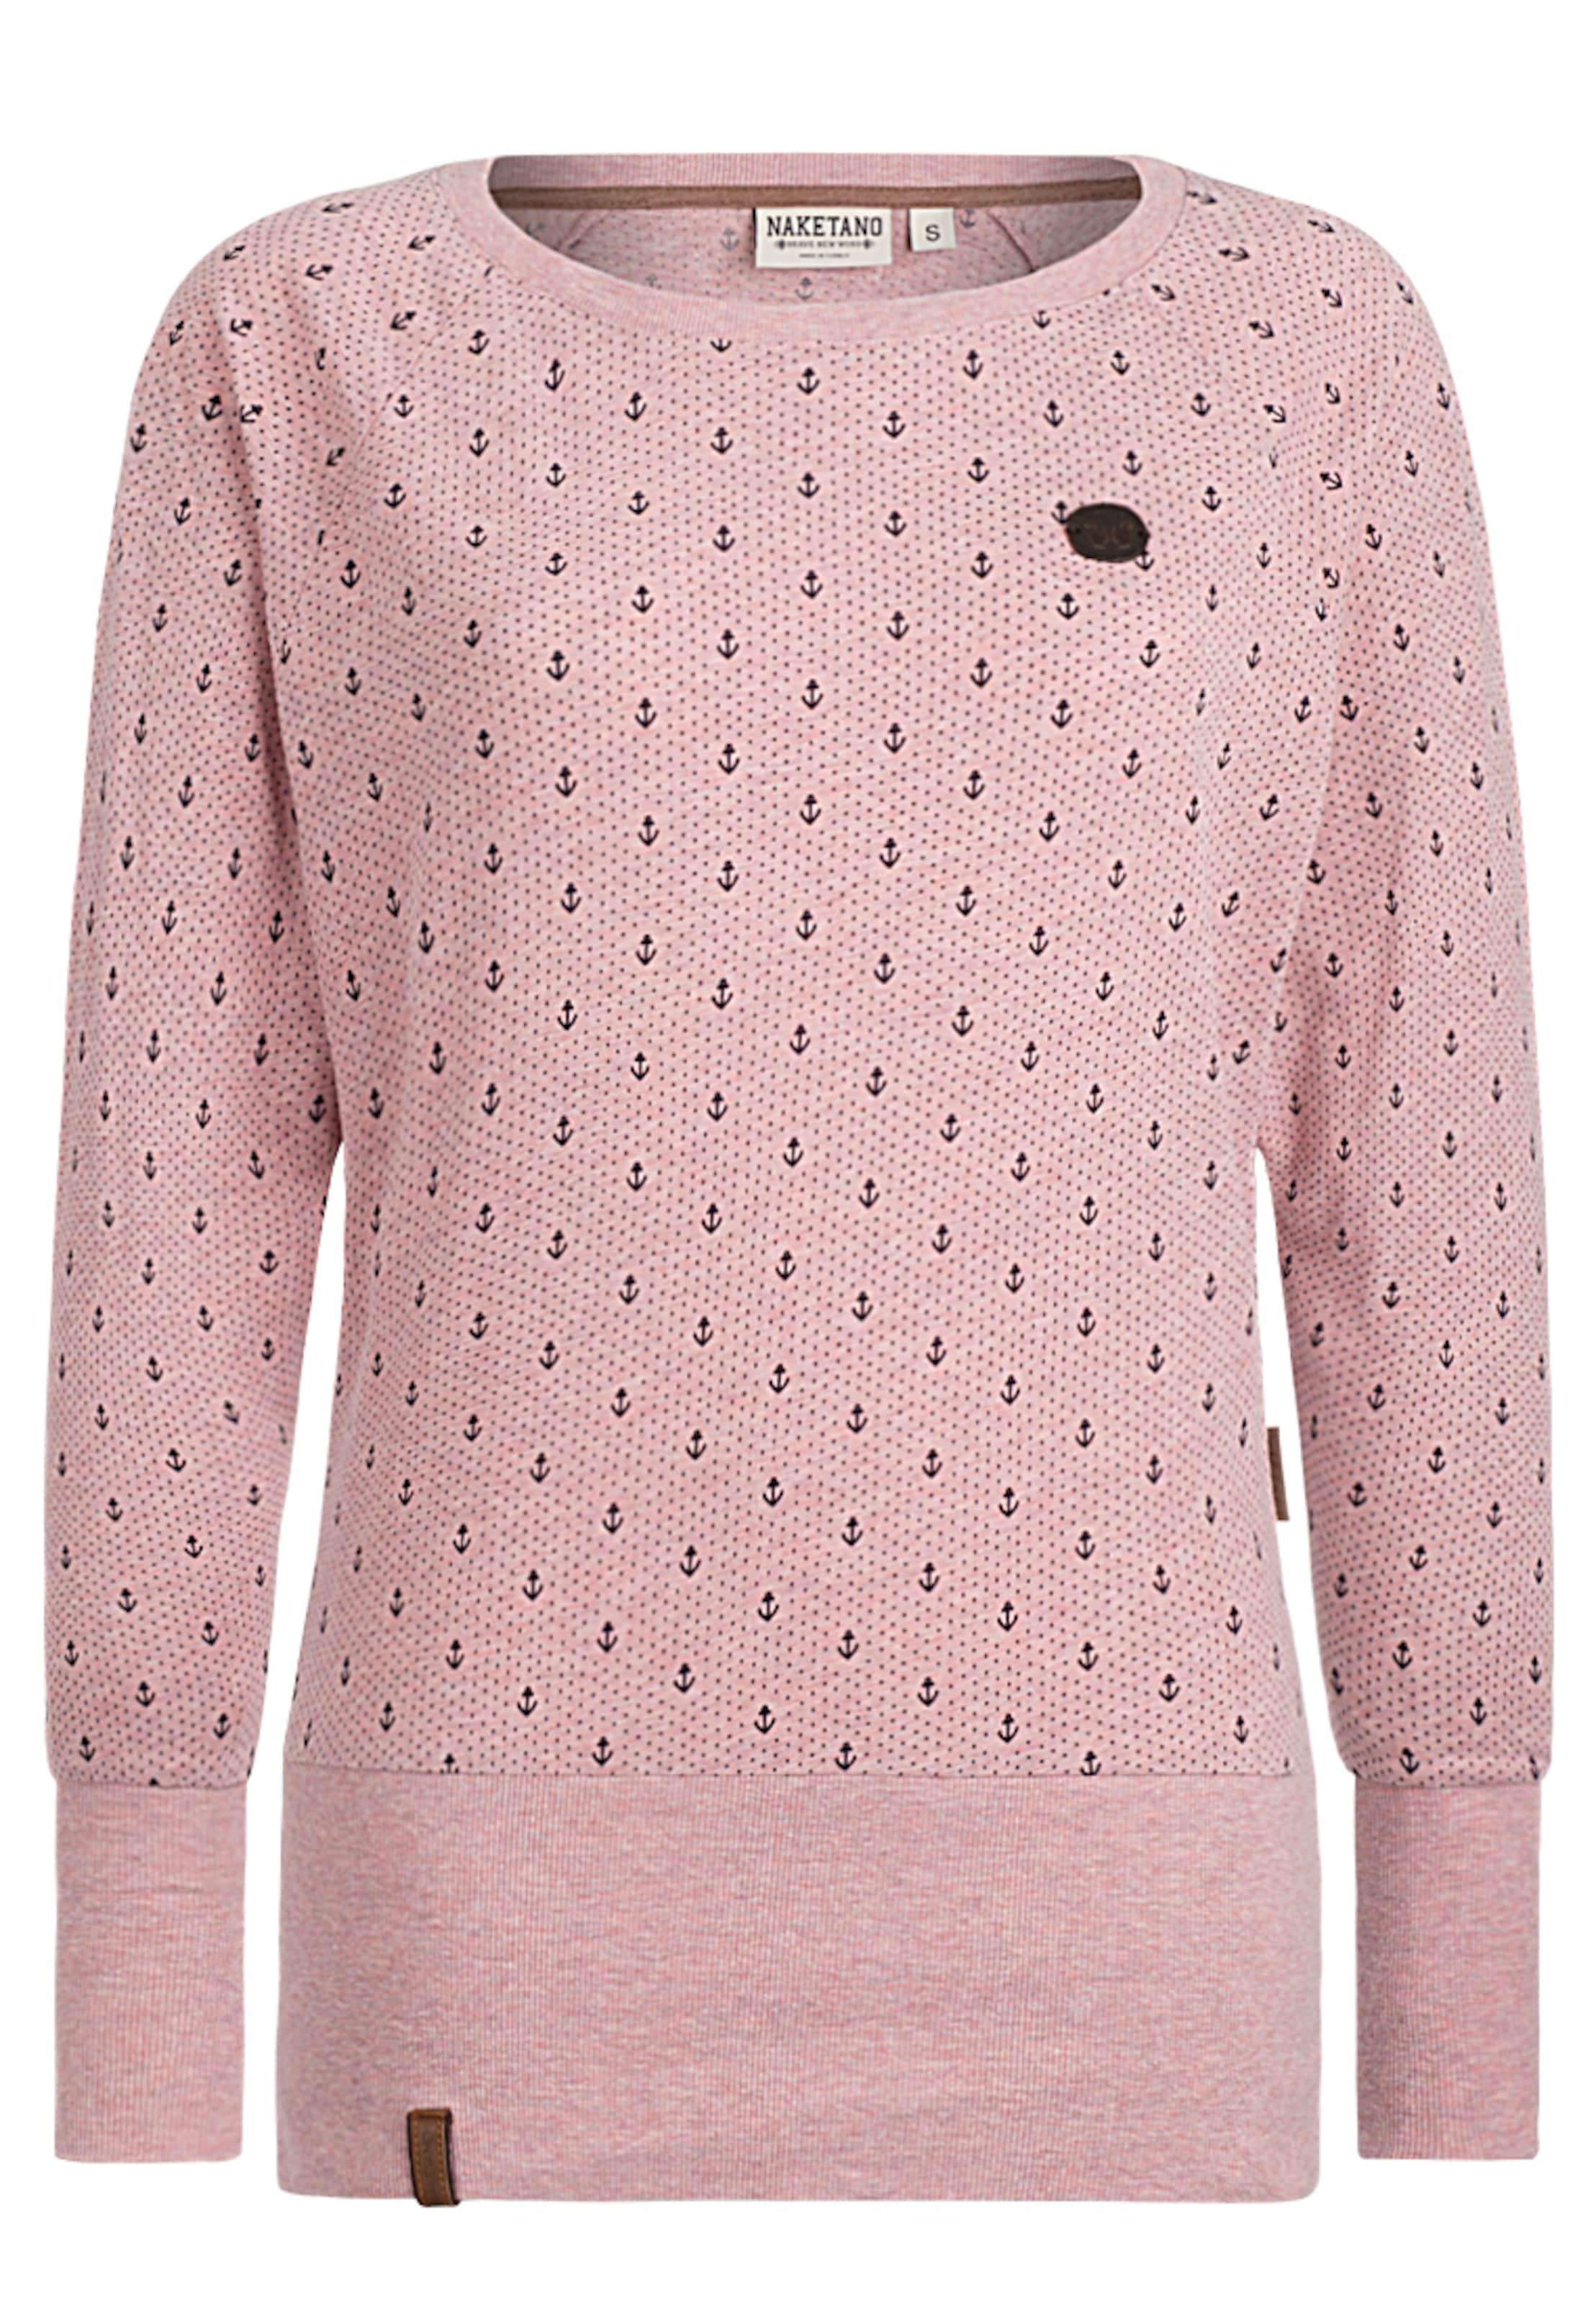 Amazon Günstig Online naketano Sweatshirt Hodenschmerzen Bester Lieferant Steckdose Modische Mode-Stil Günstig Online c0LDh6h